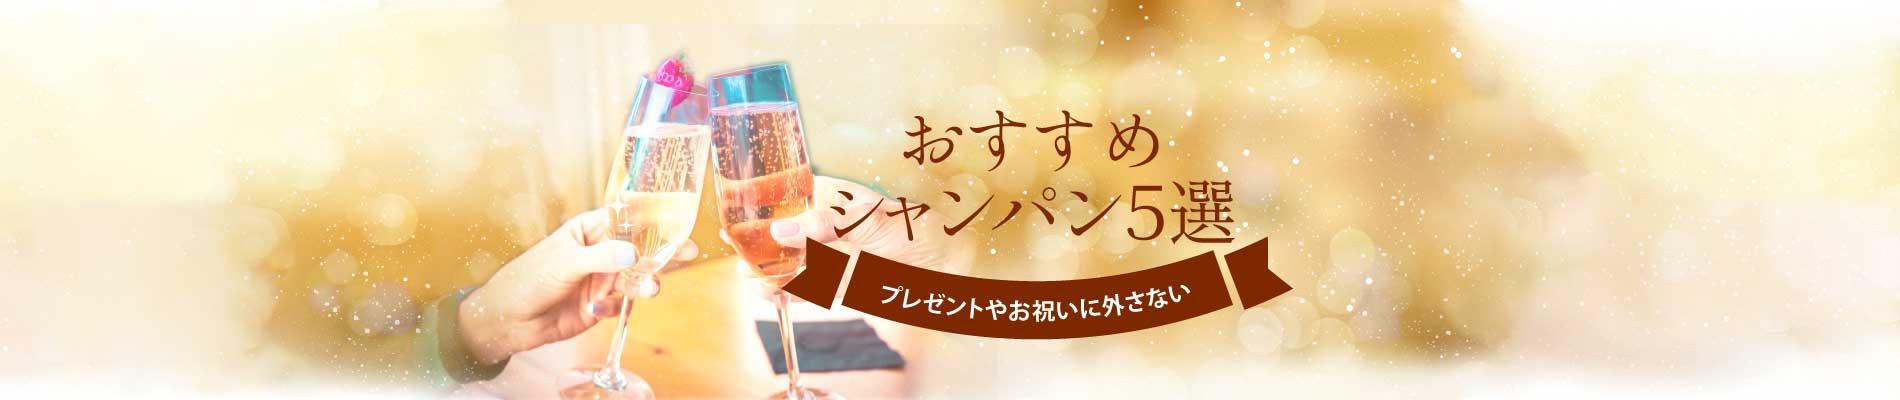 プレゼントやお祝いに外さない、おすすめシャンパン5選